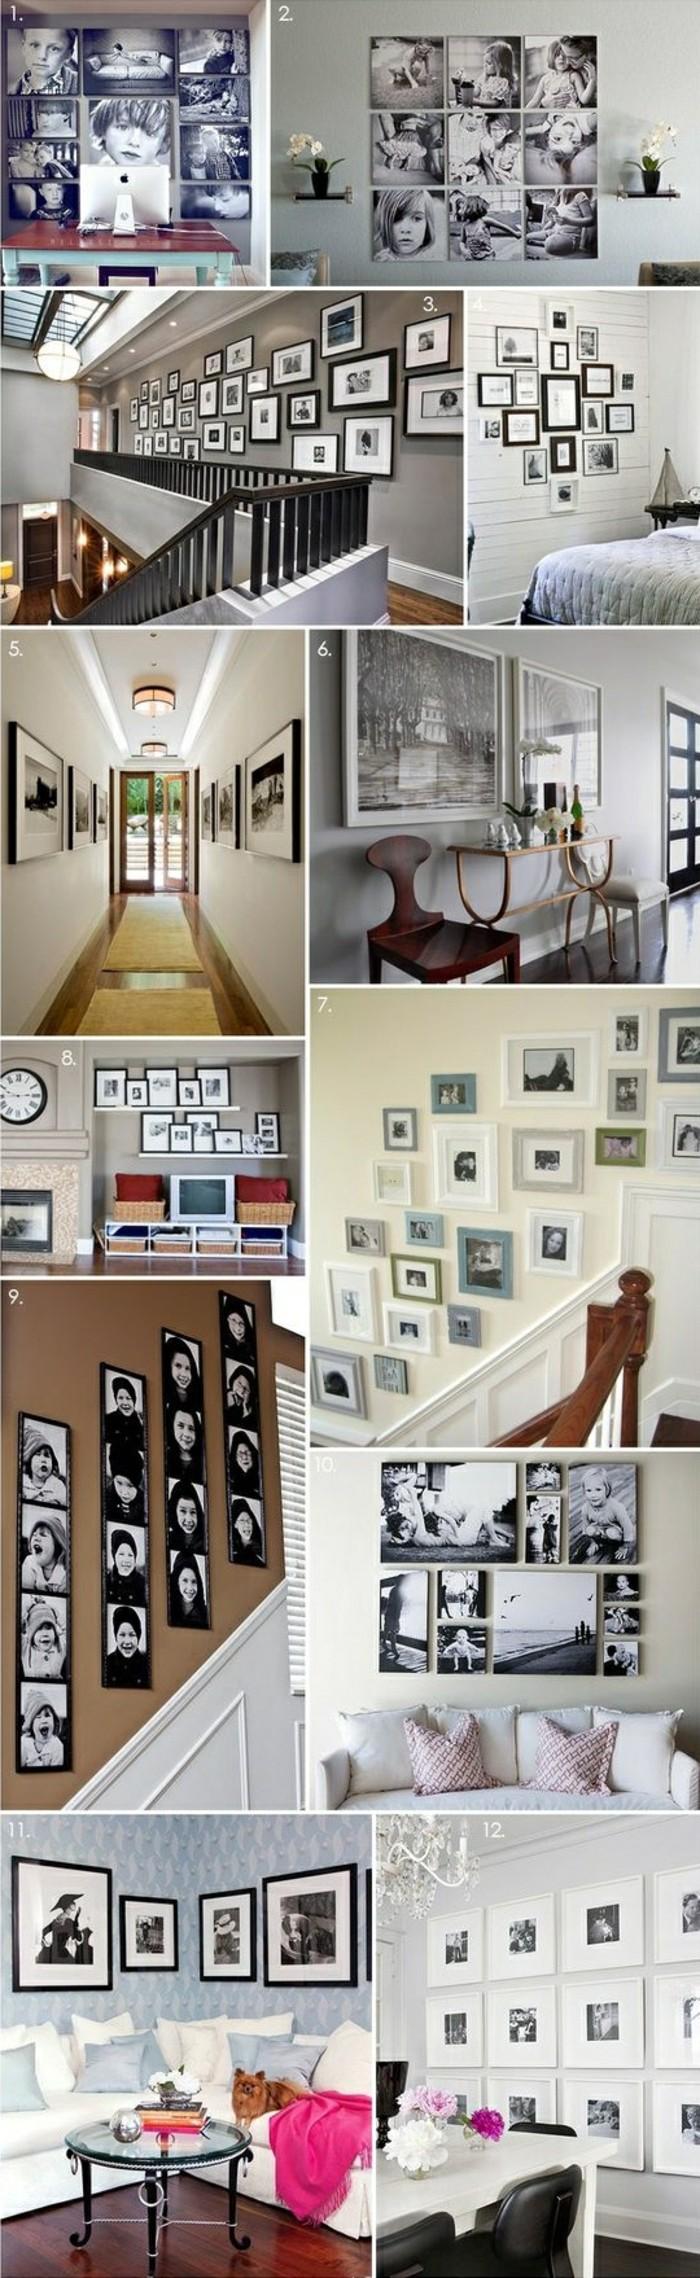 fotocollage-selber-machen-wanddeko-zimmer-sofa-tisch-treppe